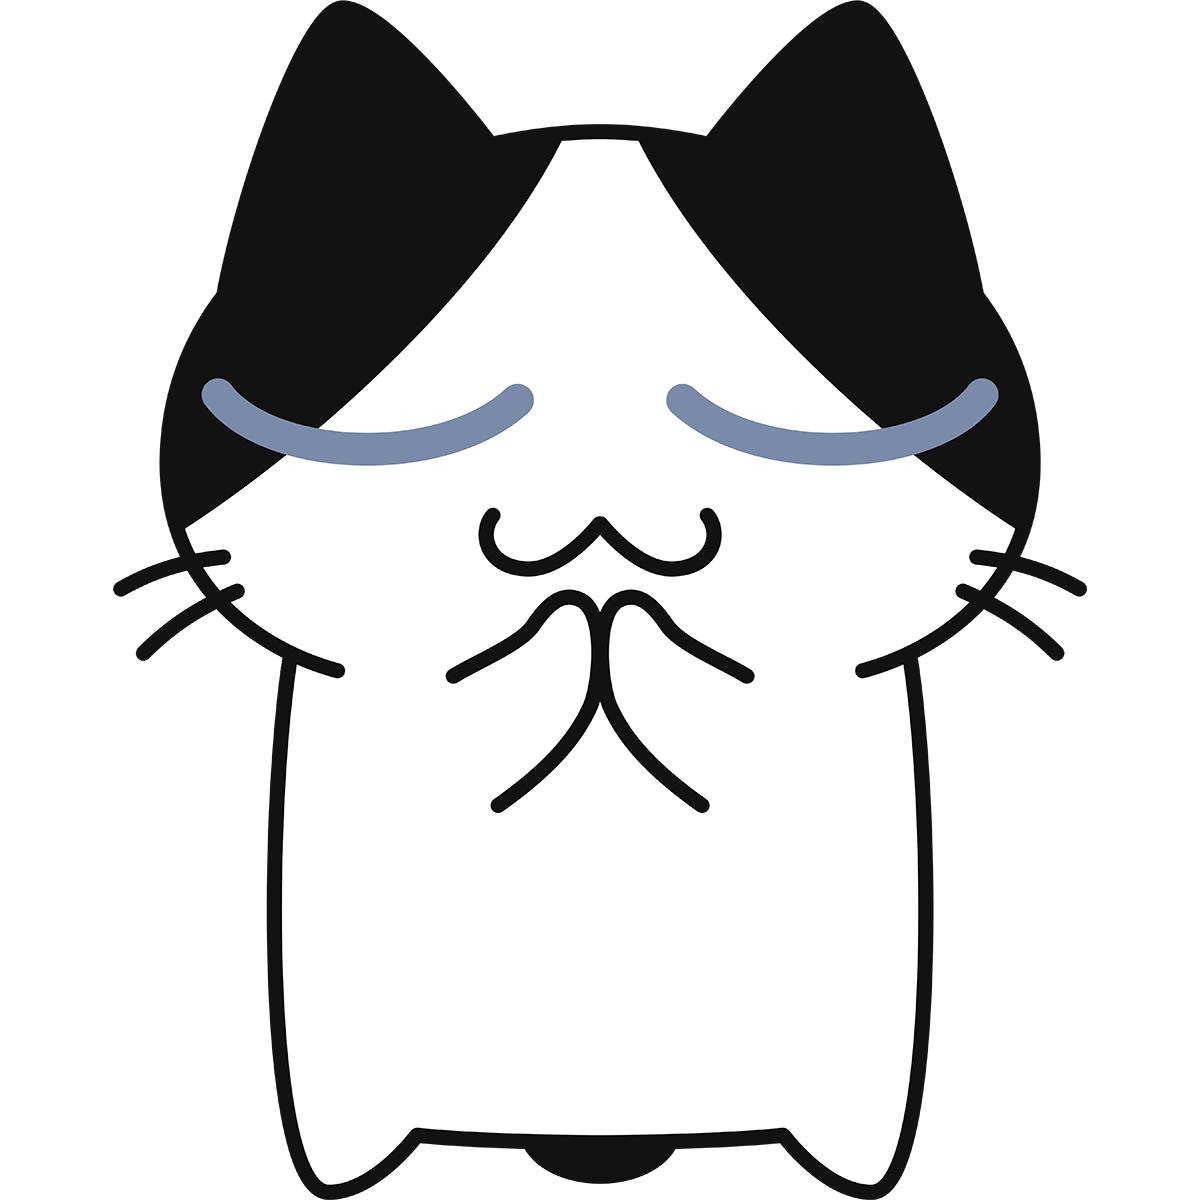 お願い事をする猫の無料イラスト